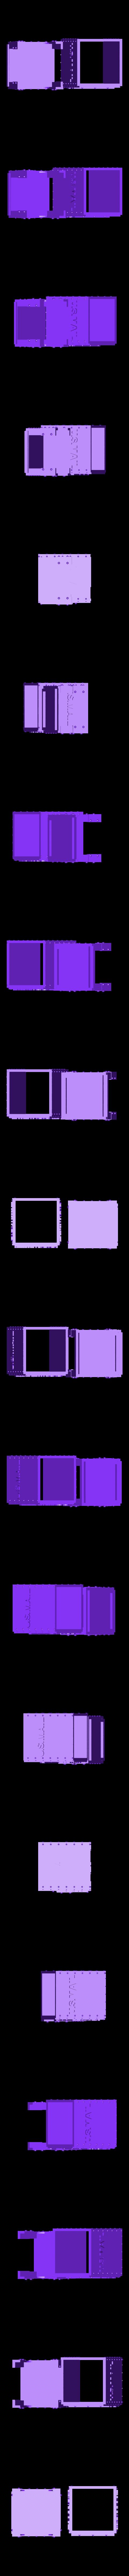 mailboxmiddlenbottom__1_.stl Télécharger fichier STL gratuit Boîte aux lettres Banque de pièces de monnaie • Modèle pour impression 3D, Ventwallader